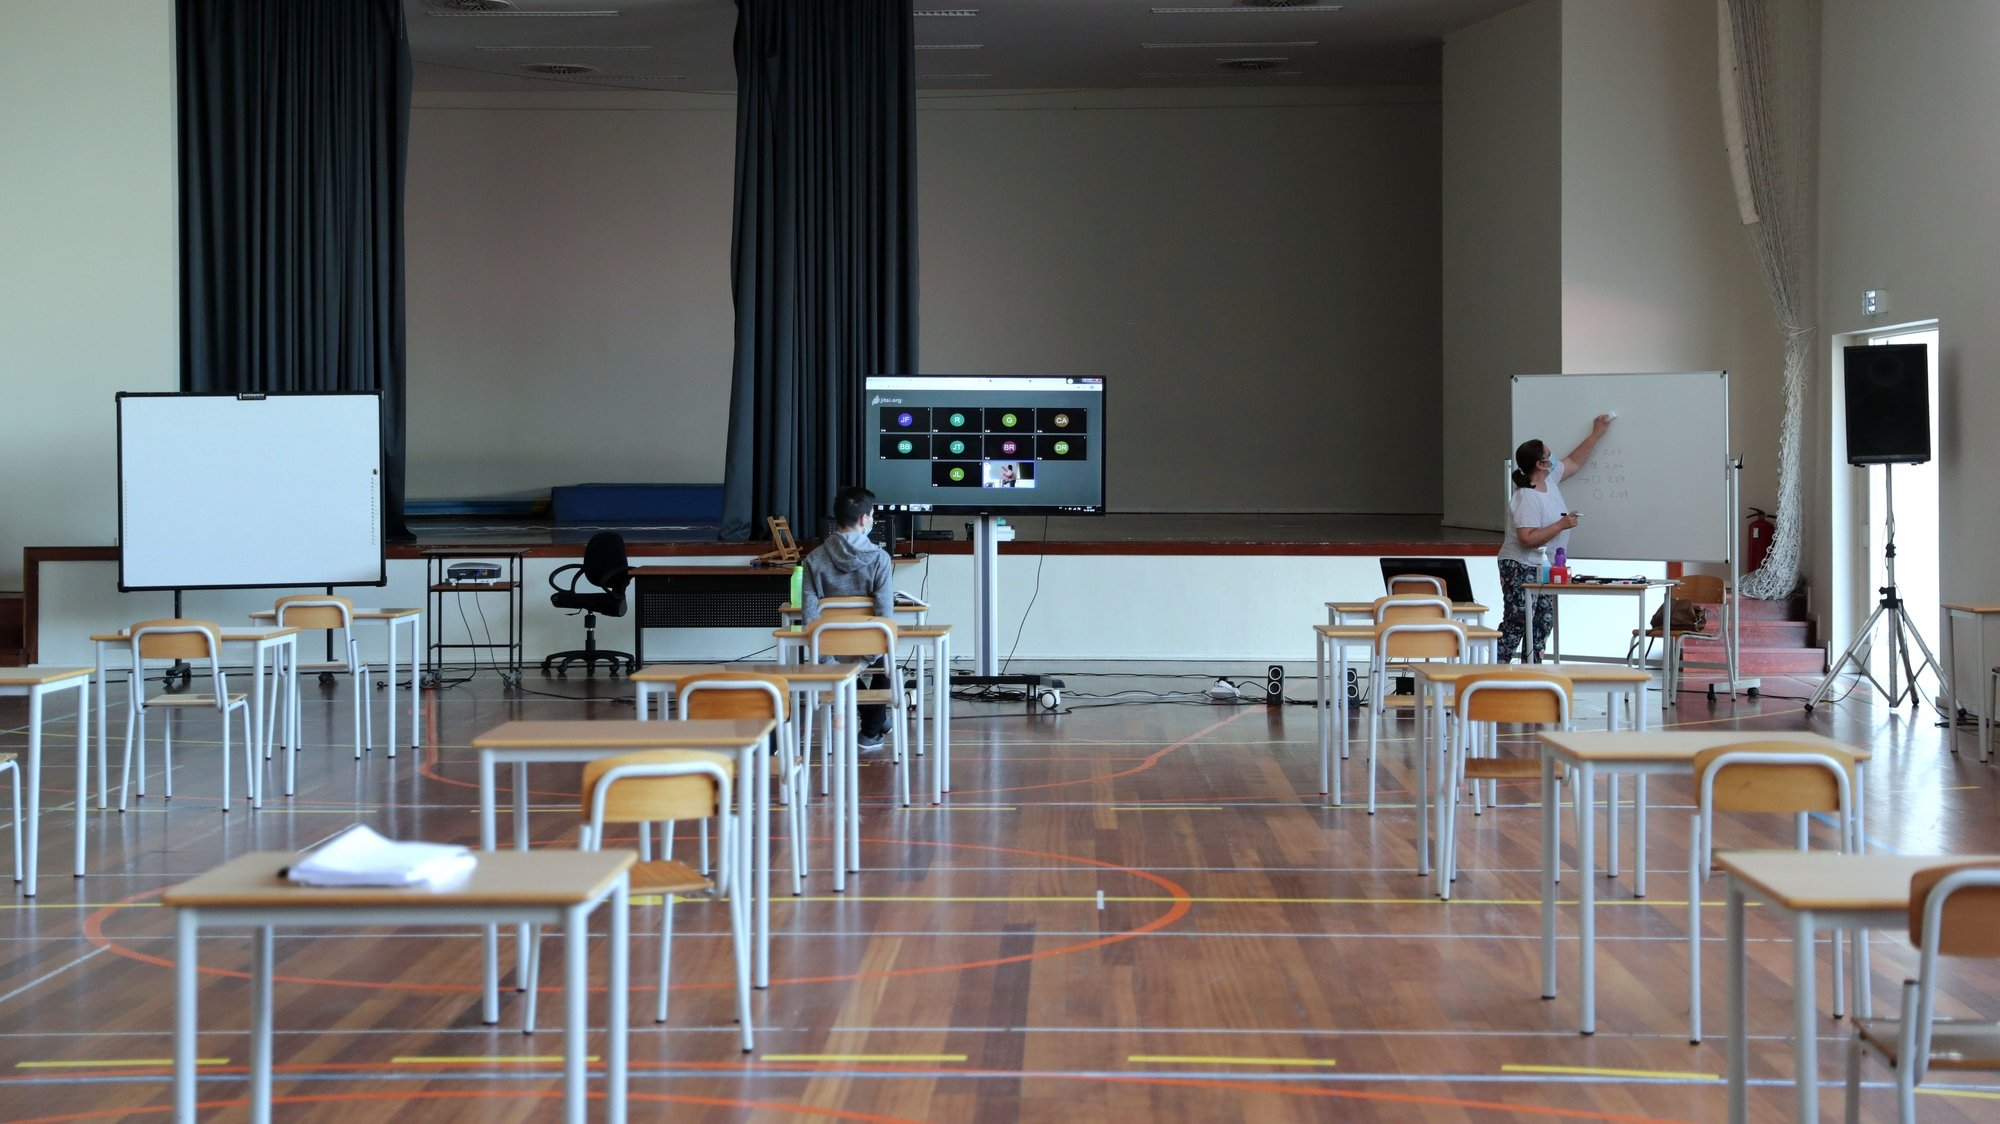 Aula do 11.º ano, no ginásio do Colégio Nossa Senhora da Esperança, no Porto, 01 de junho de 2020. ESTELA SILVA/LUSA